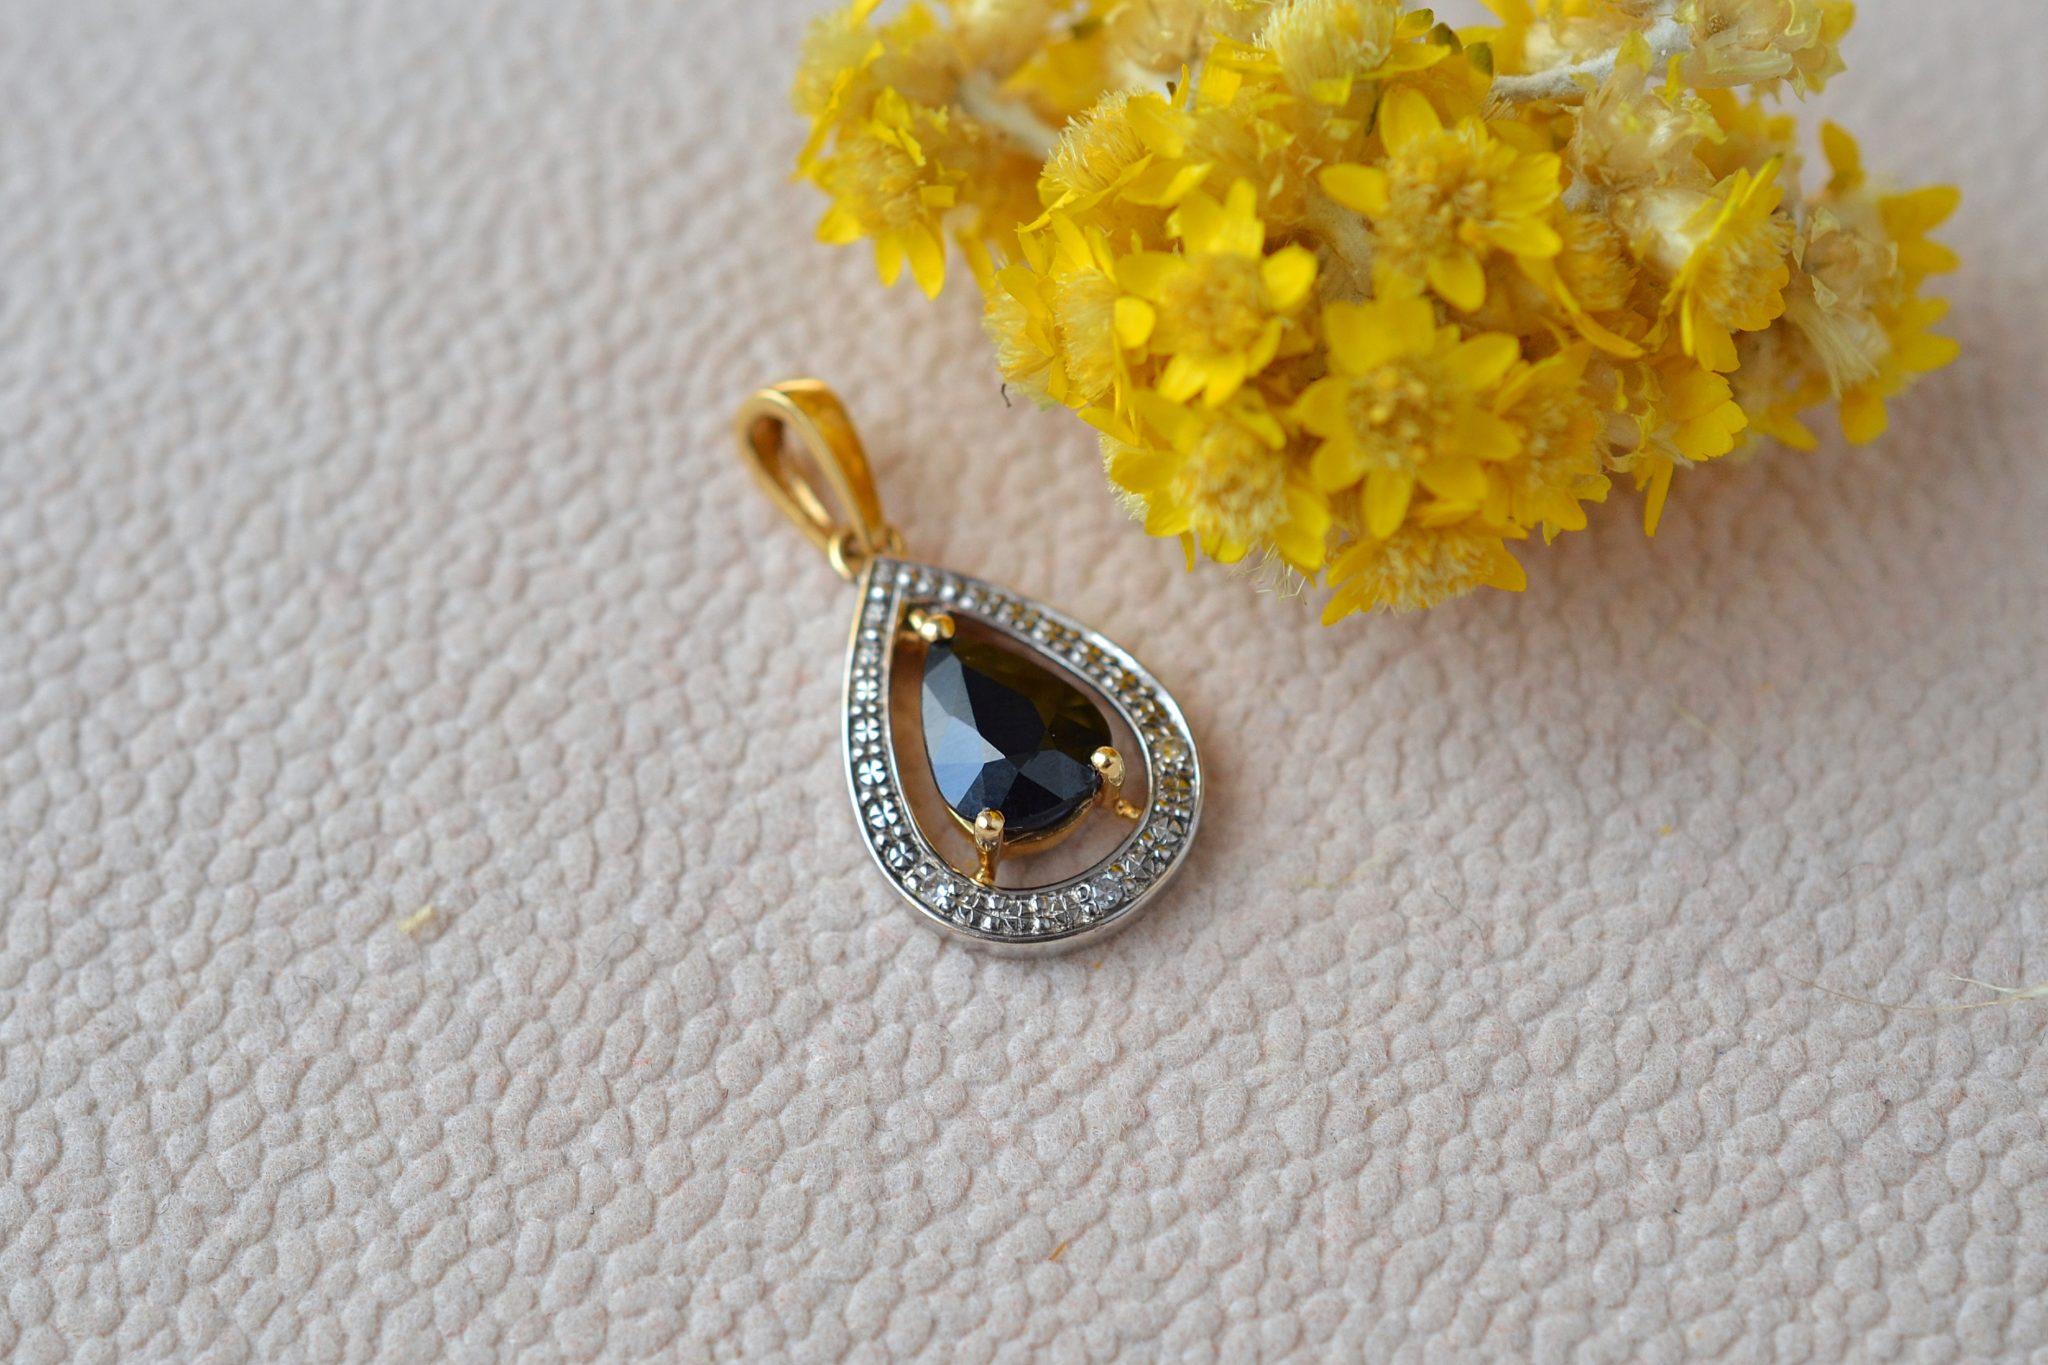 Pendentif goutte en Or jaune serti d_un saphir poire, entourage en Or blanc agrémenté de trois diamants - bijou ancien